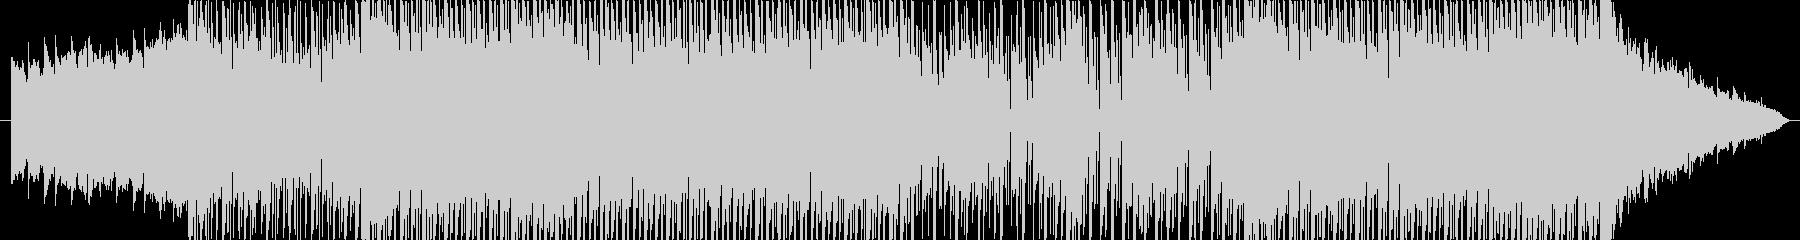 EDM3☆まったりしたギターEDM☆ の未再生の波形